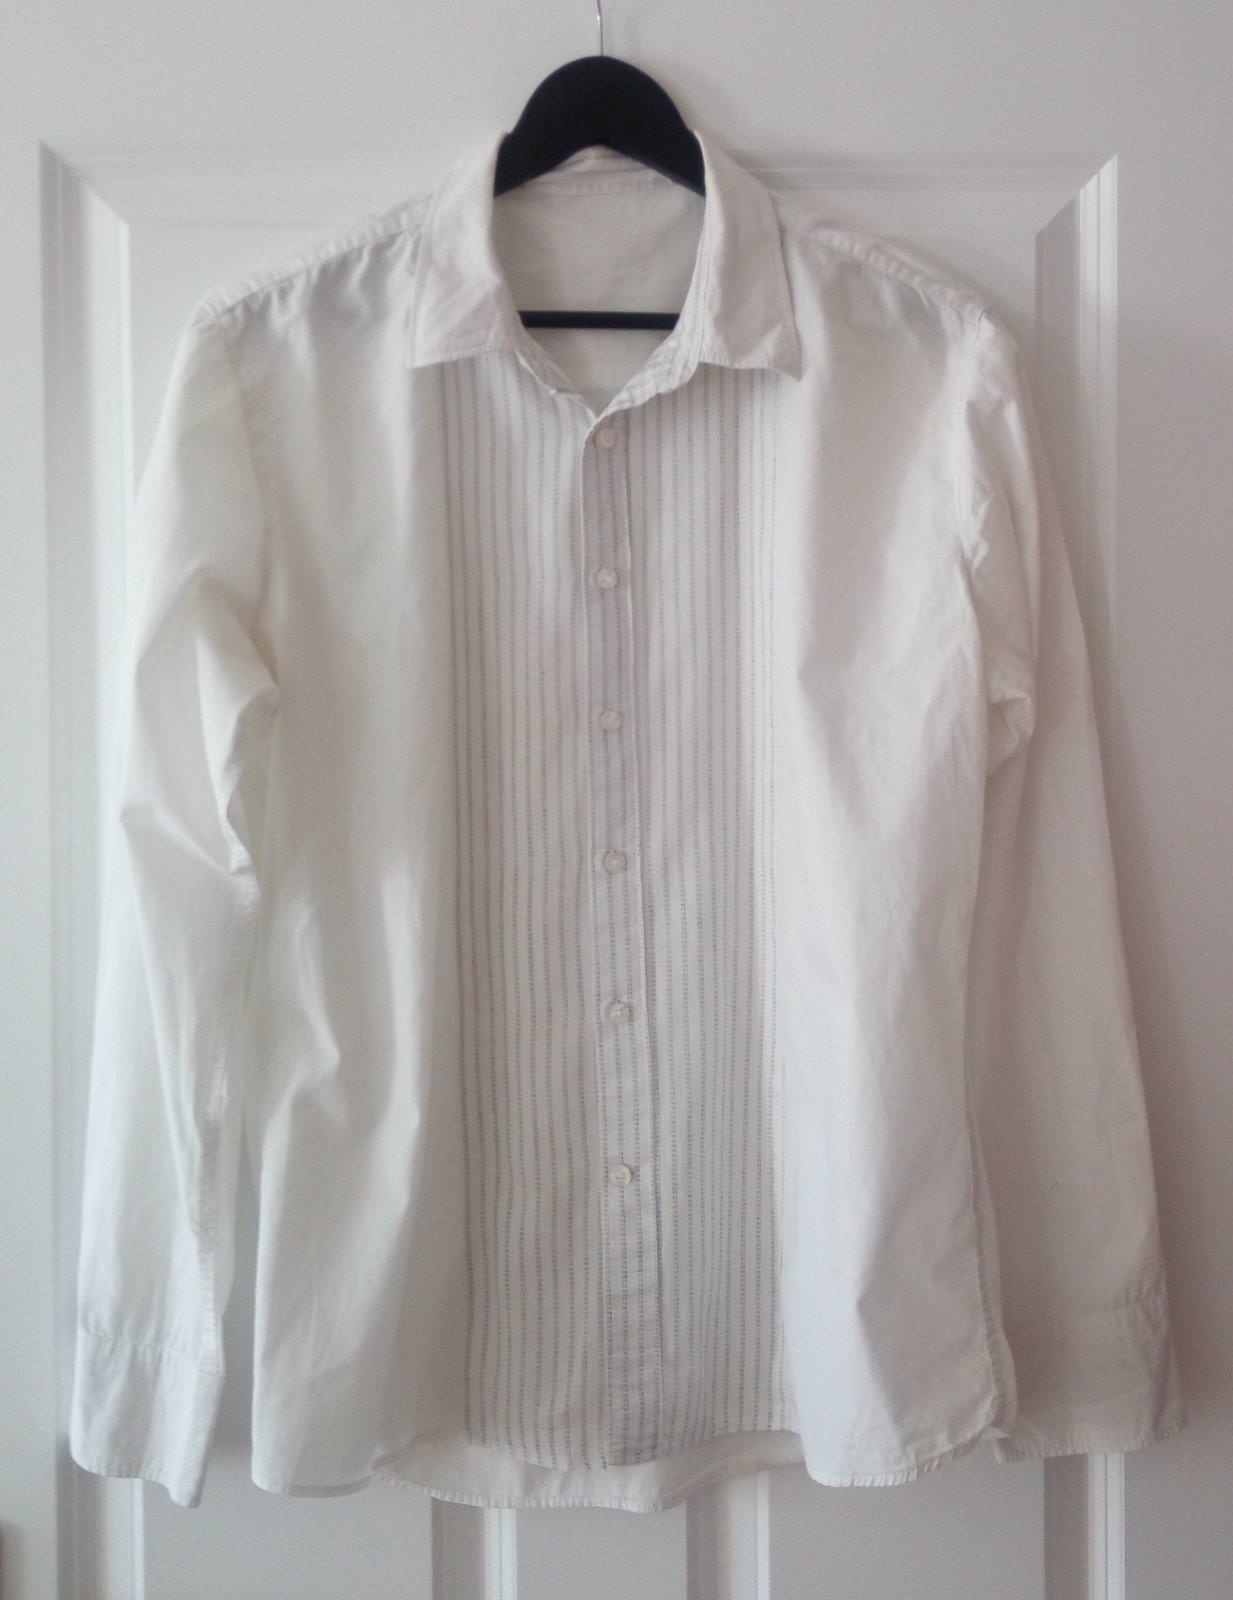 Biela pánska košeľa M, ponožky - Obrázok č. 1